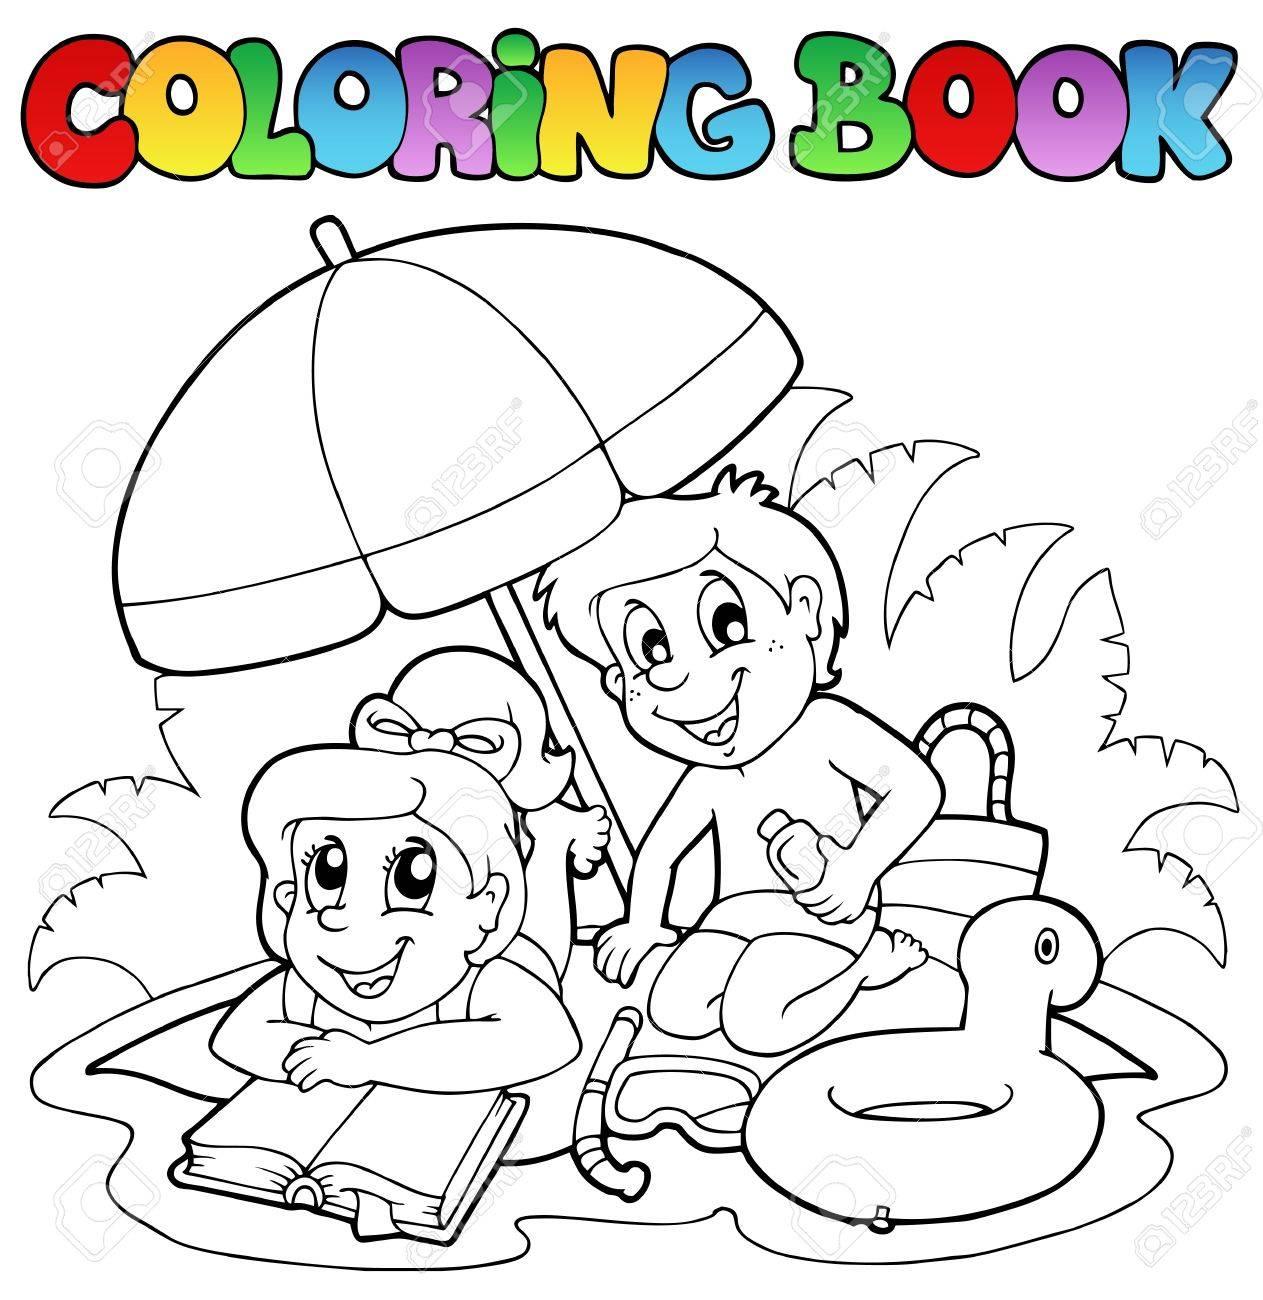 Libro Para Colorear Con Tema Del Verano 2 - Ilustración Vectorial ...